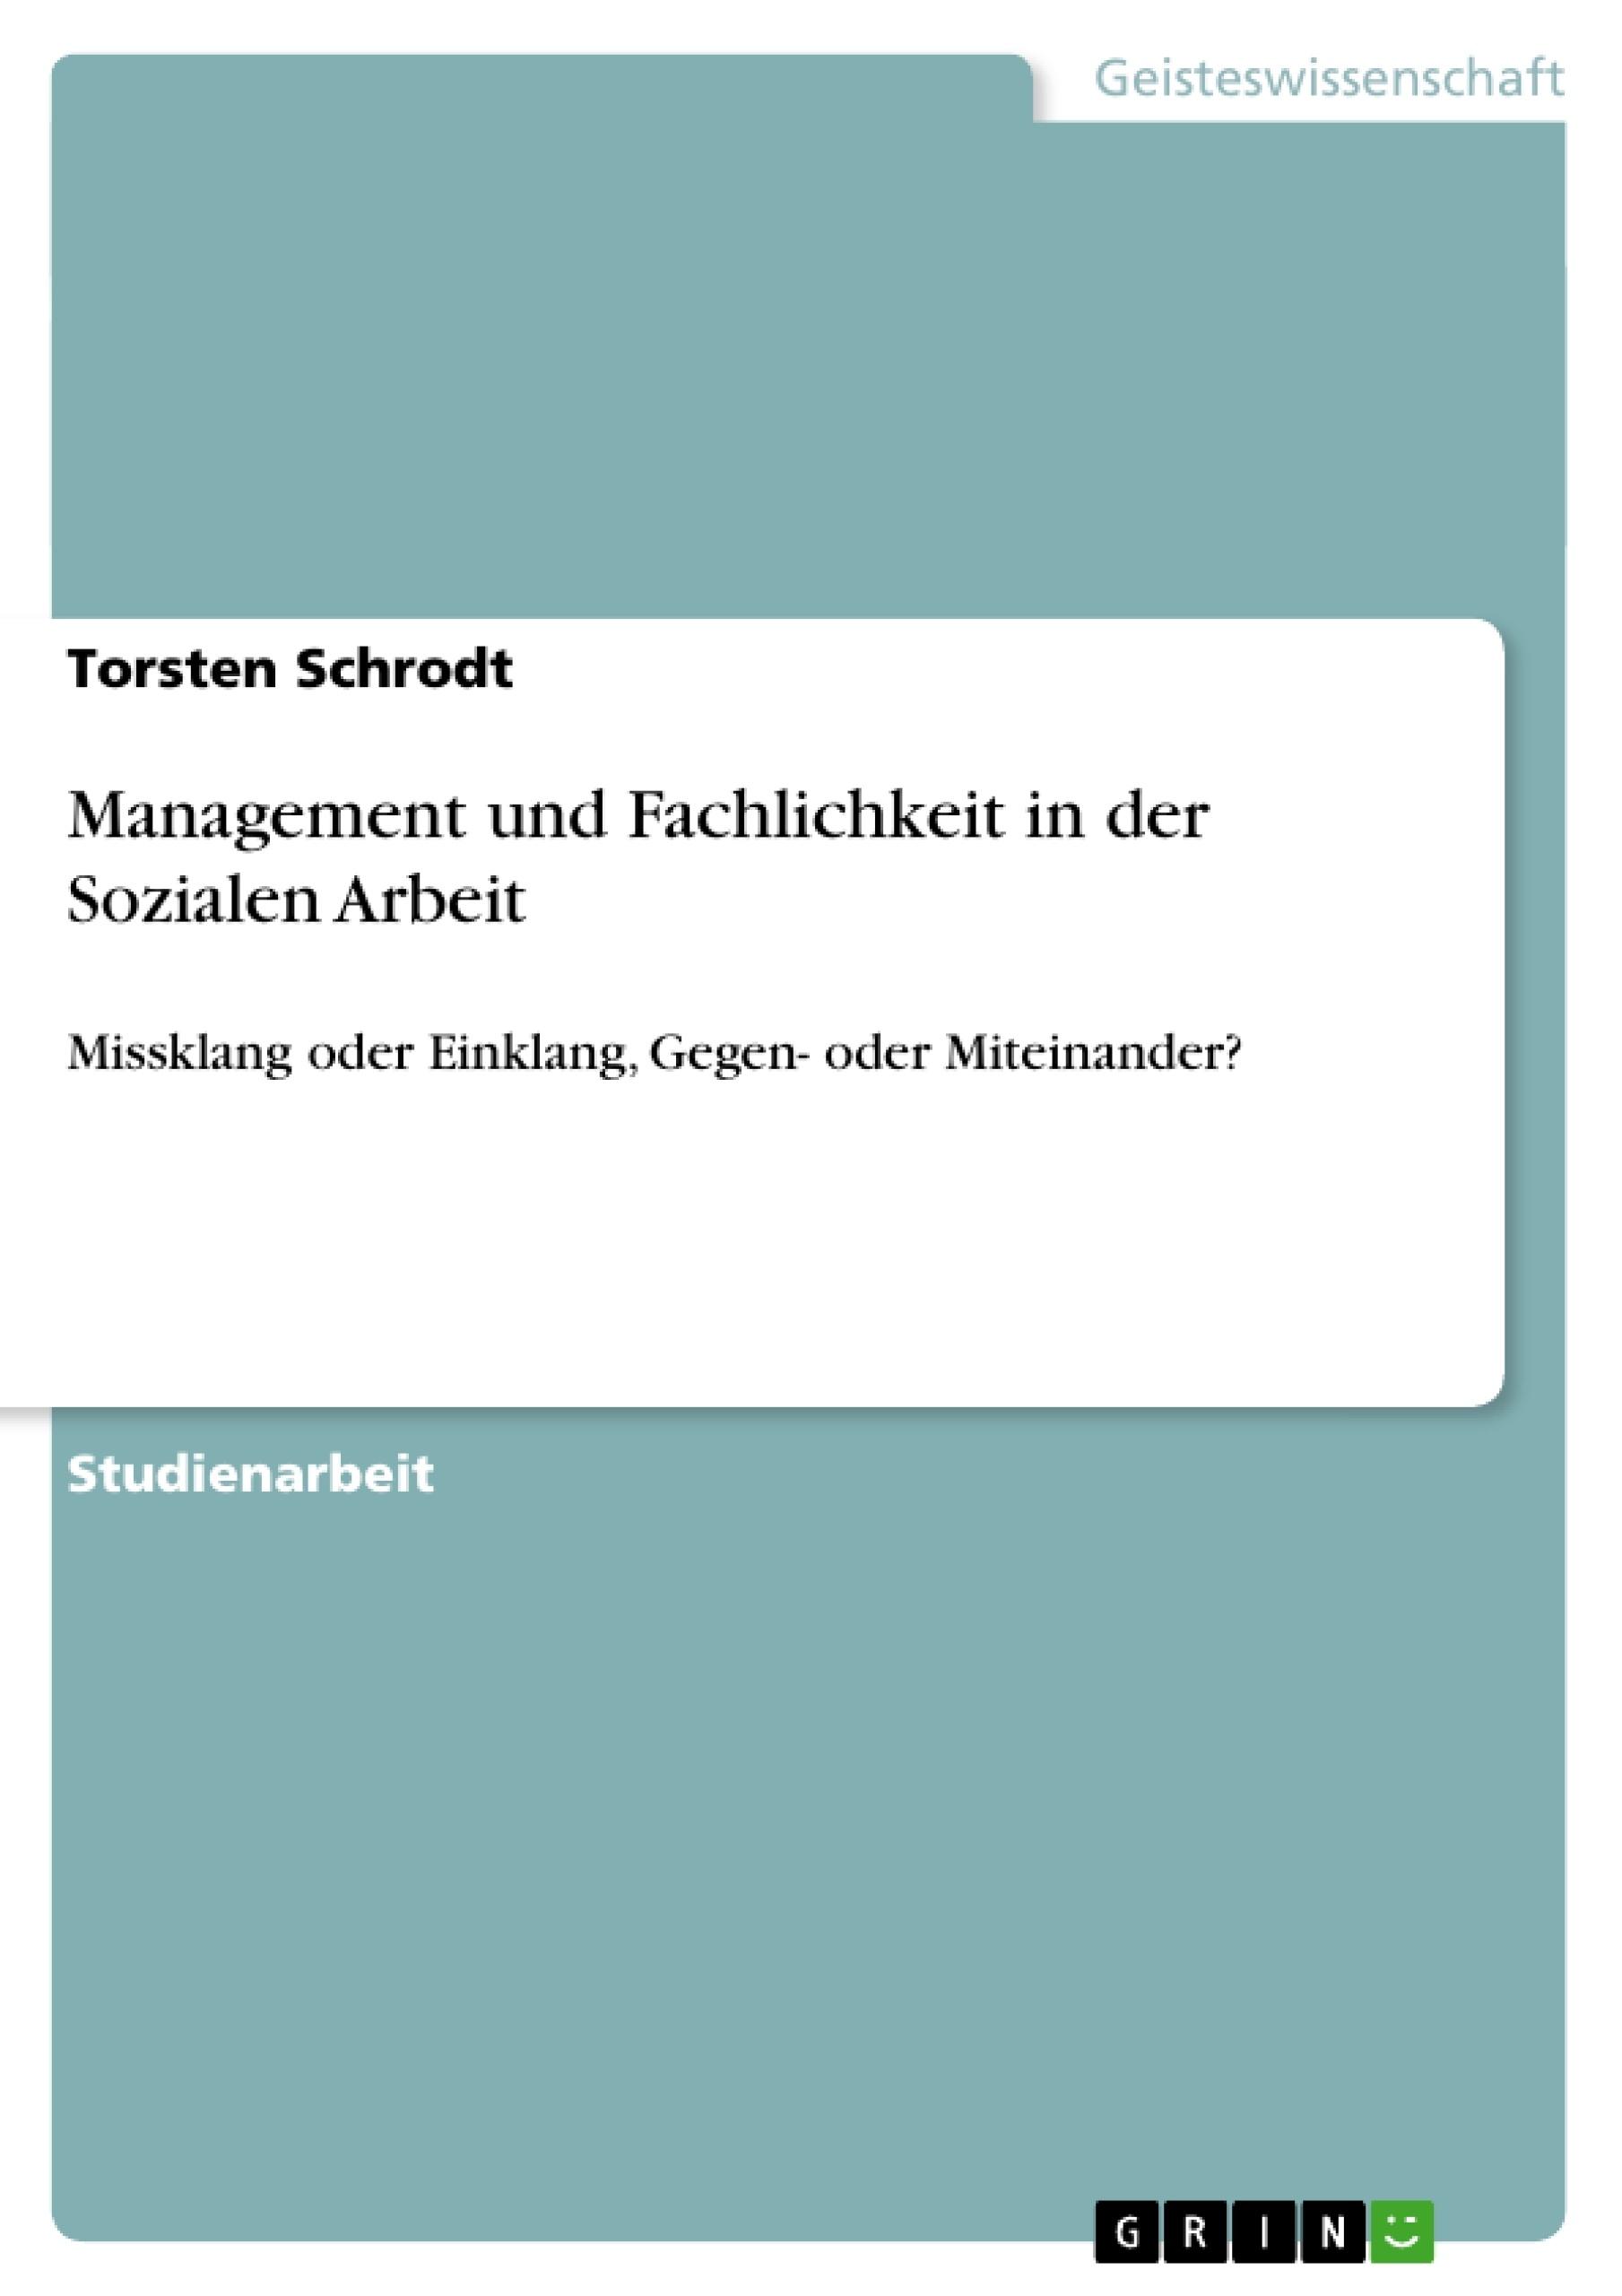 Titel: Management und Fachlichkeit in der Sozialen Arbeit